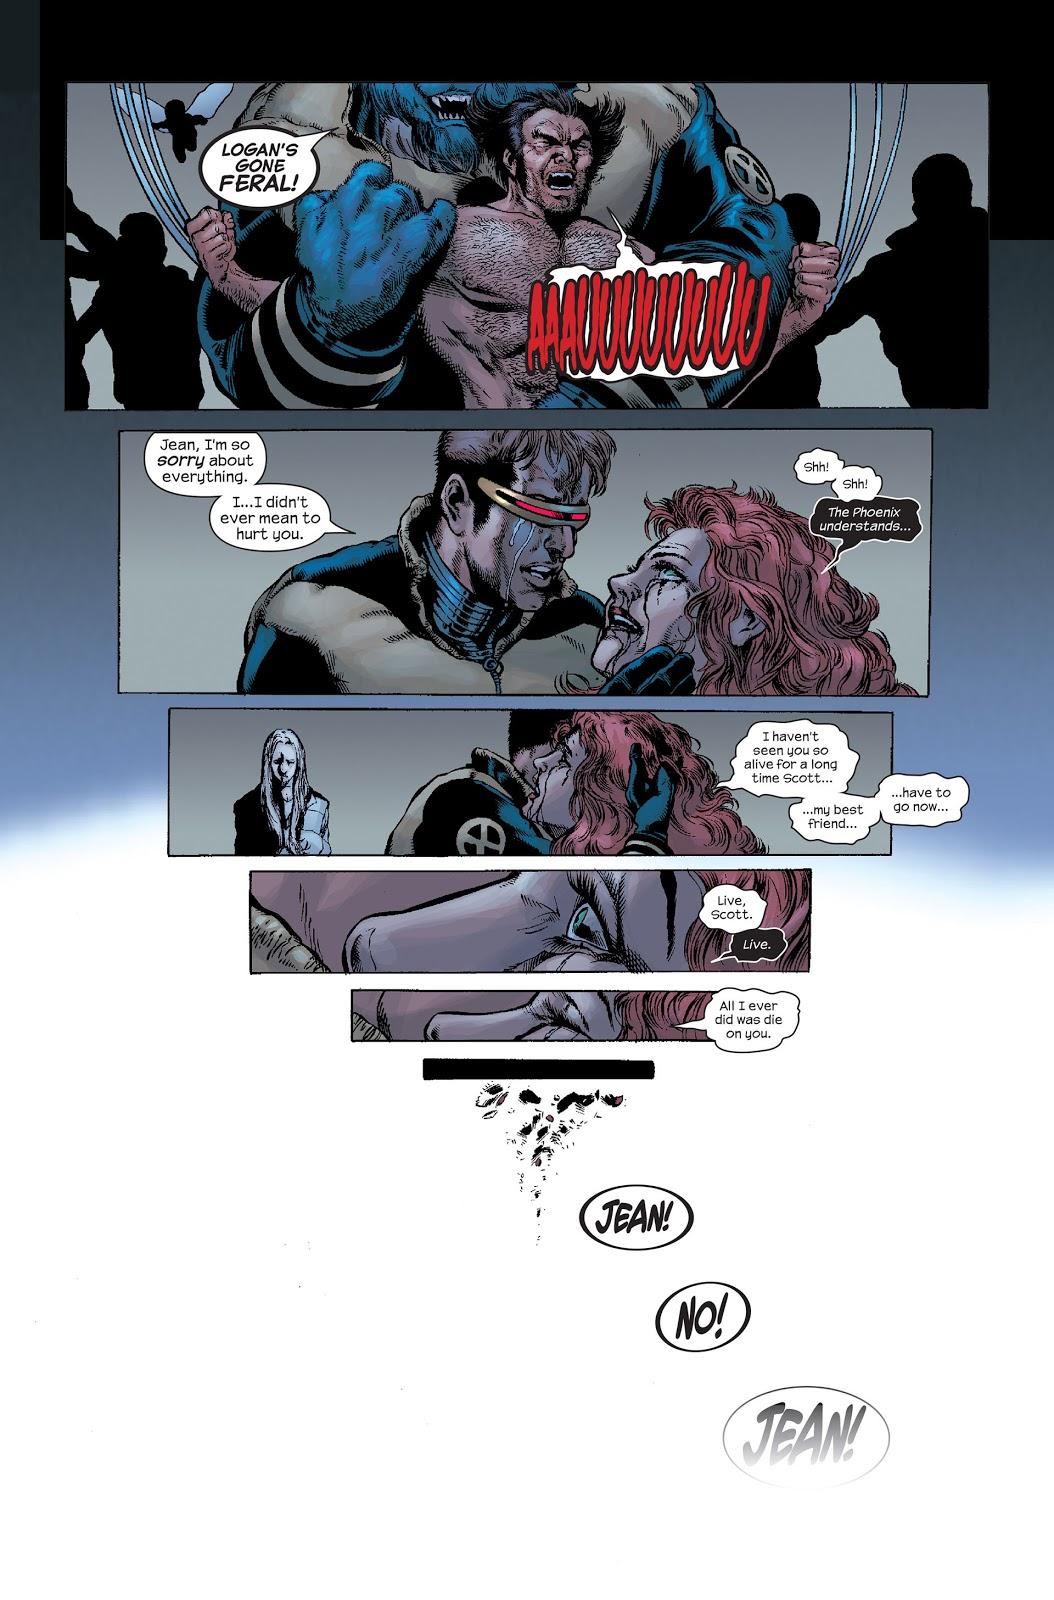 X-Men: White Phoenix of the Crown - Hình dạng mạnh nhất của Phoenix - Hình 2